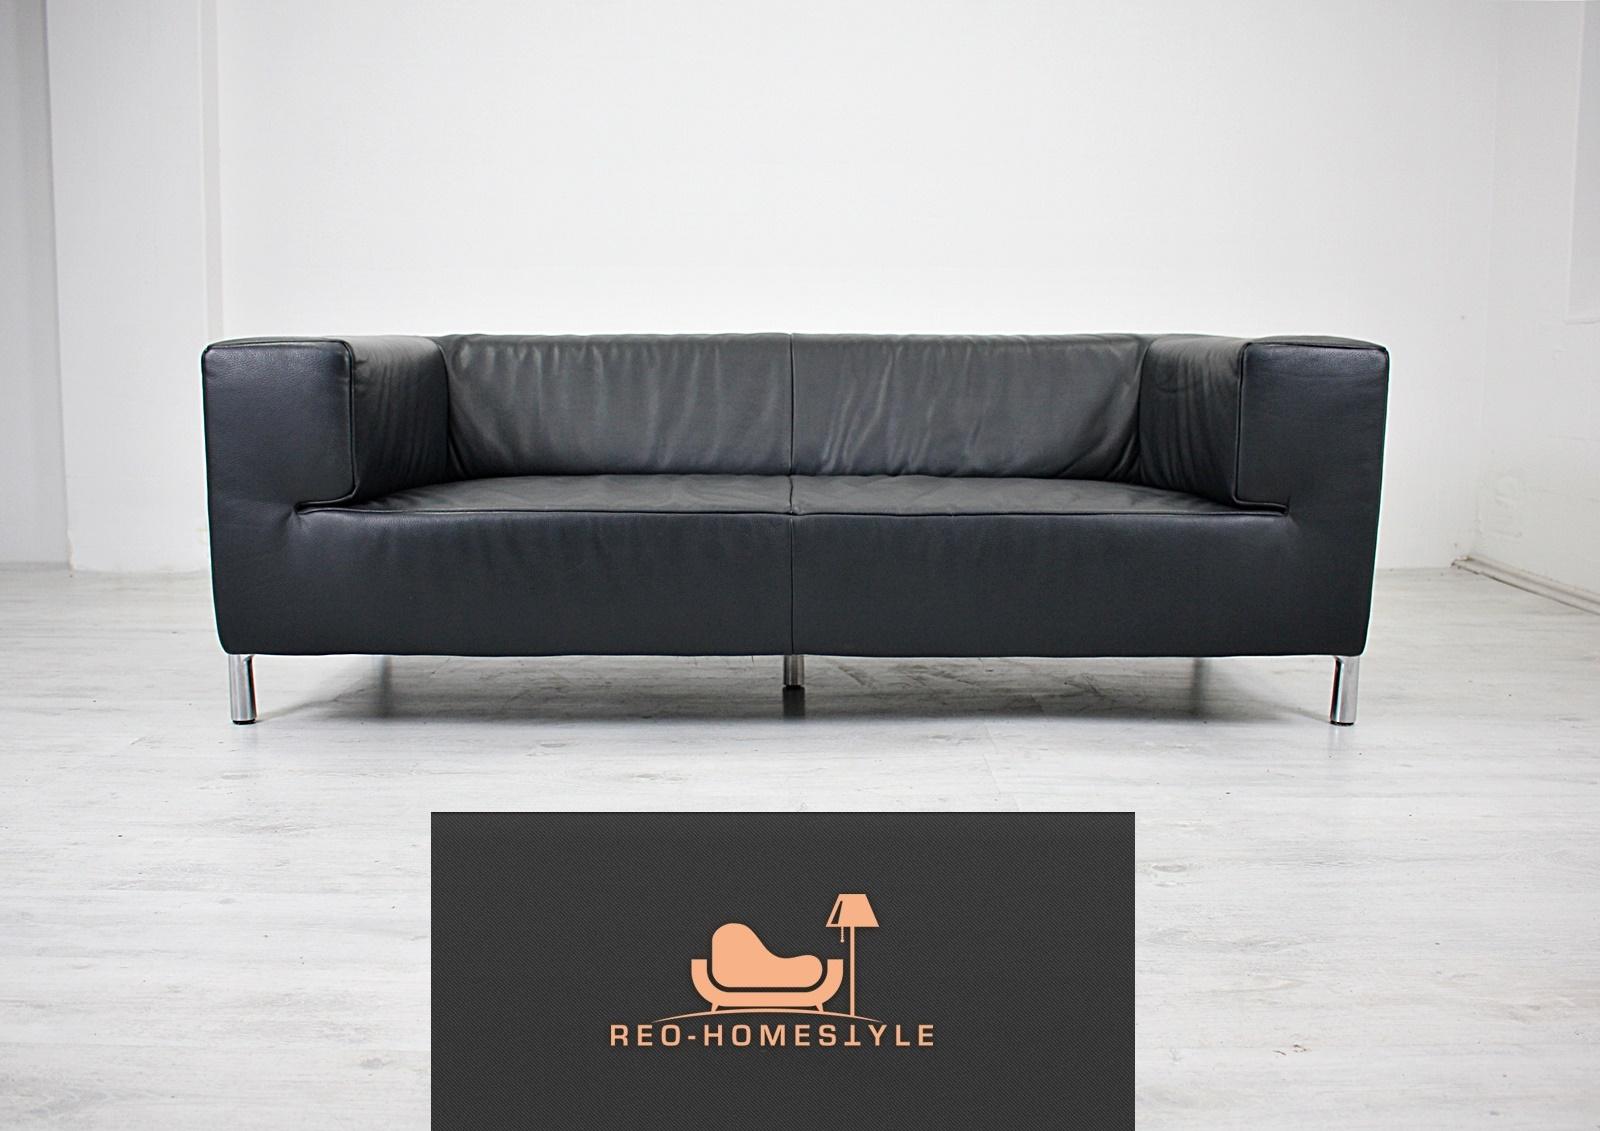 Full Size of Koinor Genesis Designer Sofa Schwarz Zweisitzer Couch Leder Kunstleder Weiß Rahaus Chippendale Garnitur 3 Teilig Stilecht Freistil In L Form Elektrisch Mit Sofa Zweisitzer Sofa